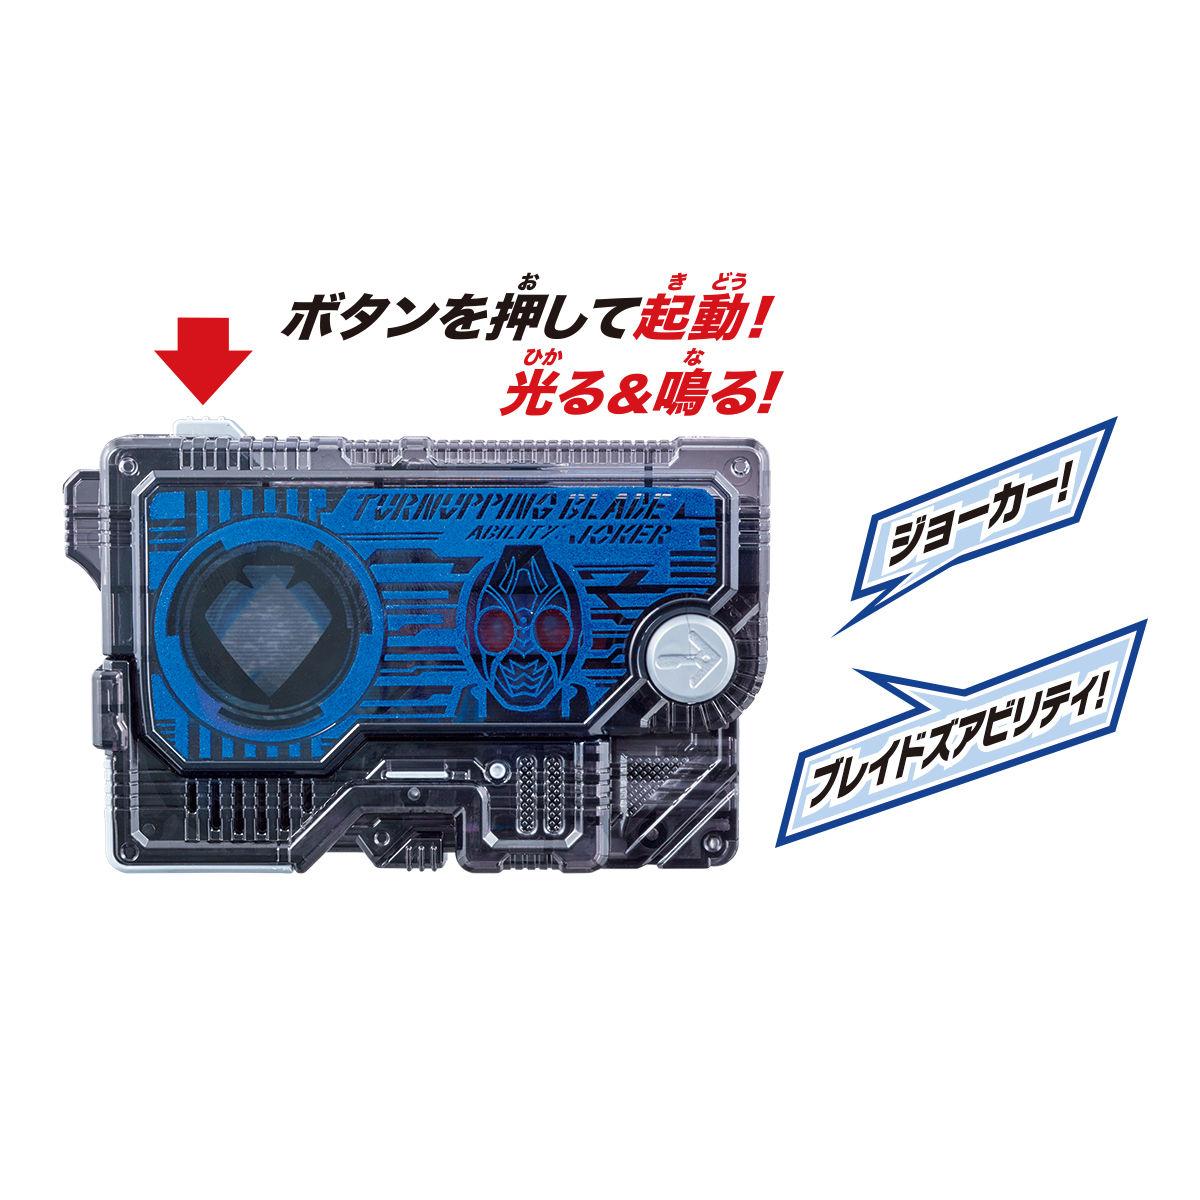 仮面ライダーゼロワン『DXターンアッピングブレイドプログライズキー』DXプログライズキー 変身なりきり-006